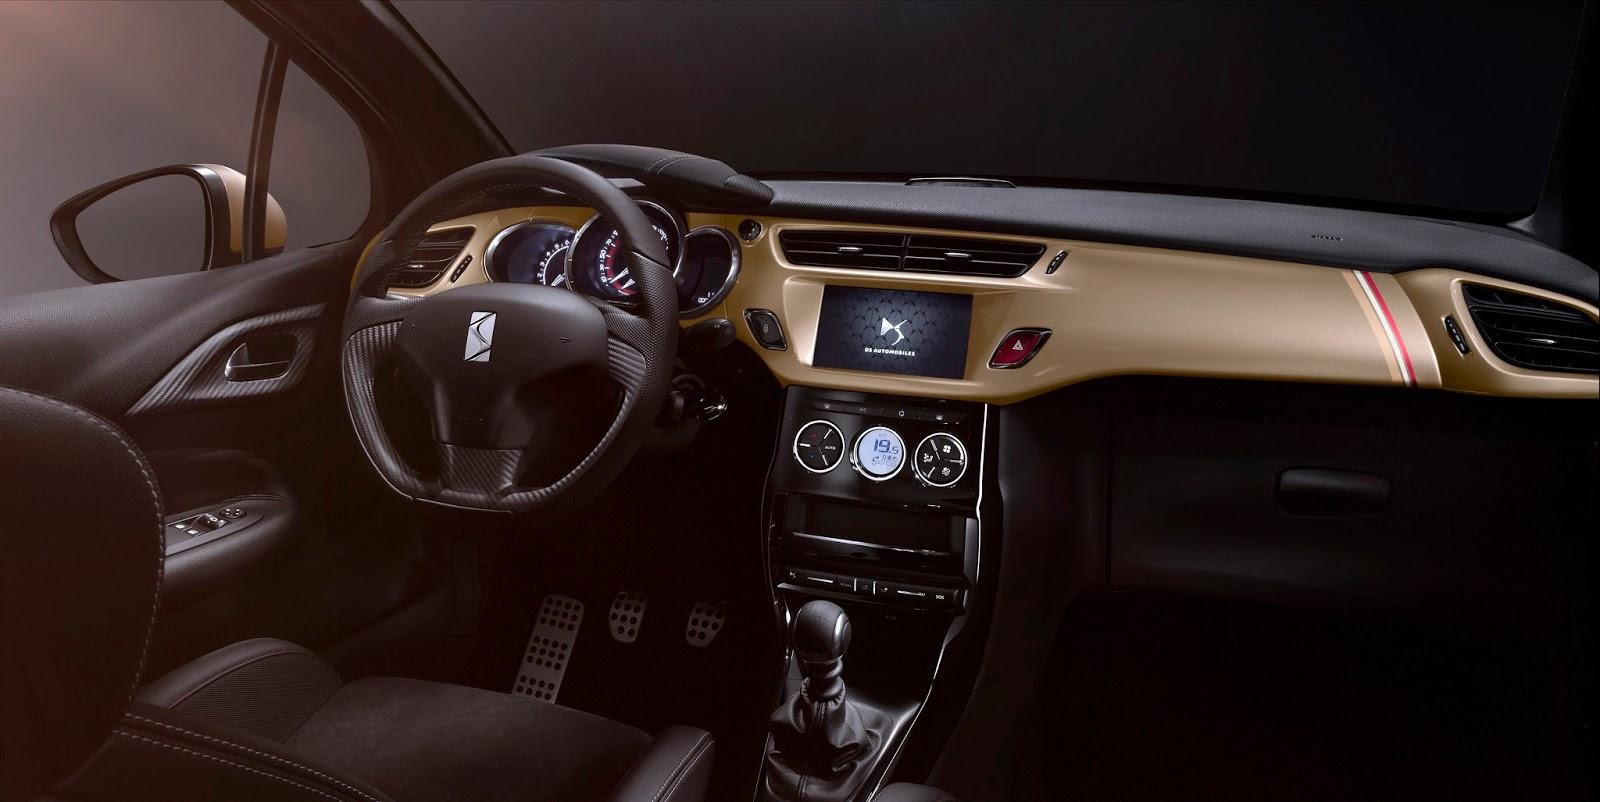 CL%2B16.002.001 Στο Σαλόνι Αυτοκινήτου της Γενεύης η παγκόσμια πρεμιέρα για το DS 3 PERFORMANCE & DS 3 Cabrio PERFORMANCE των 208 ίππων ds 3, DS 3 PERFORMANCE, DS 4, DS 4 Crossback, DS 5, DS Automobiles, Virtual Garage, Σαλόνι Αυτοκινήτου, Σαλόνι Αυτοκινήτου της Γενεύης